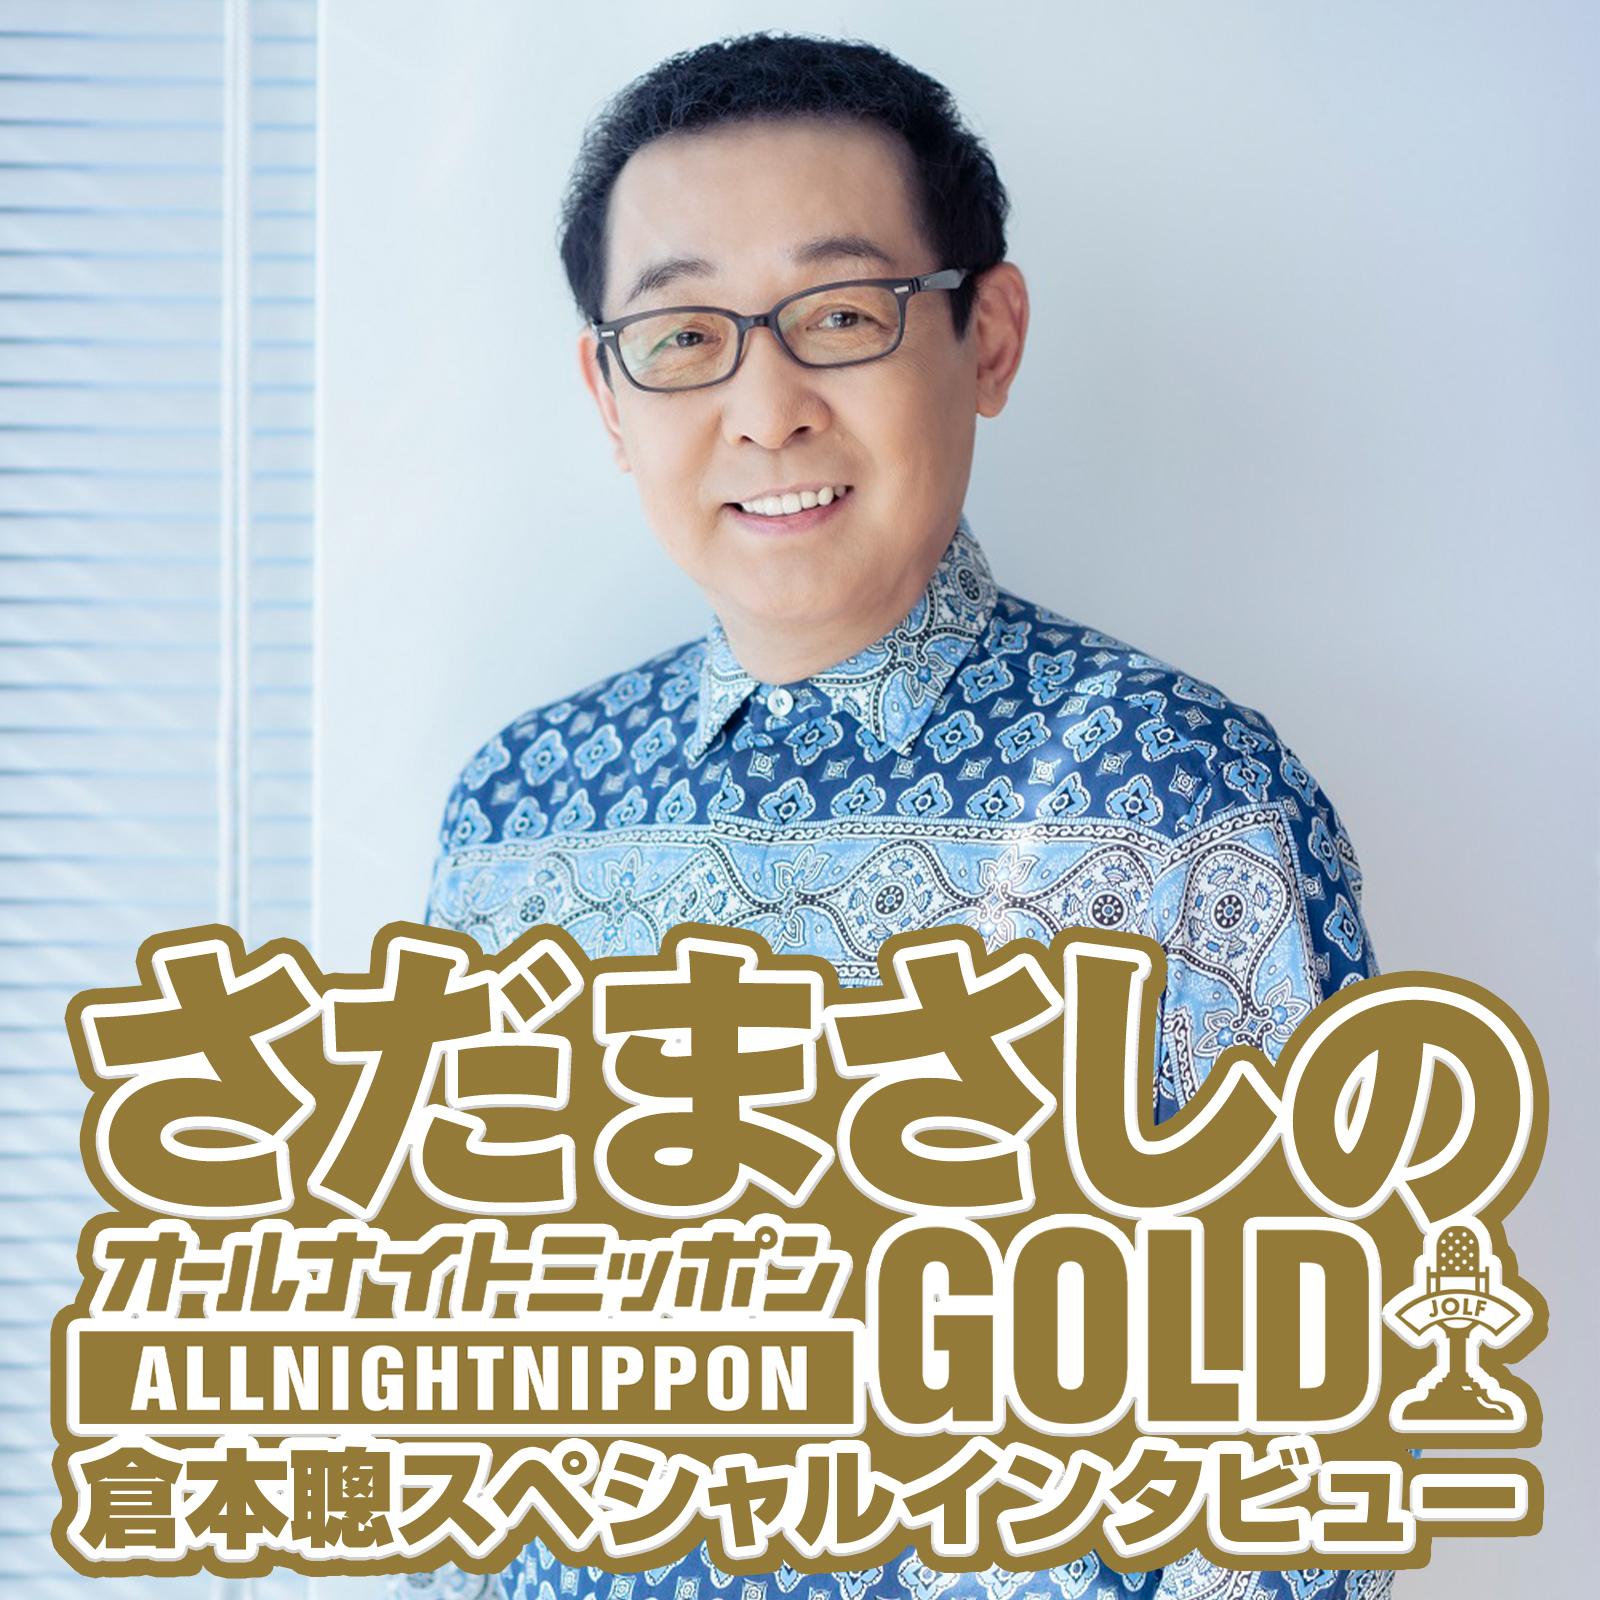 さだまさしのオールナイトニッポンGOLD 倉本聰スペシャルインタビュー